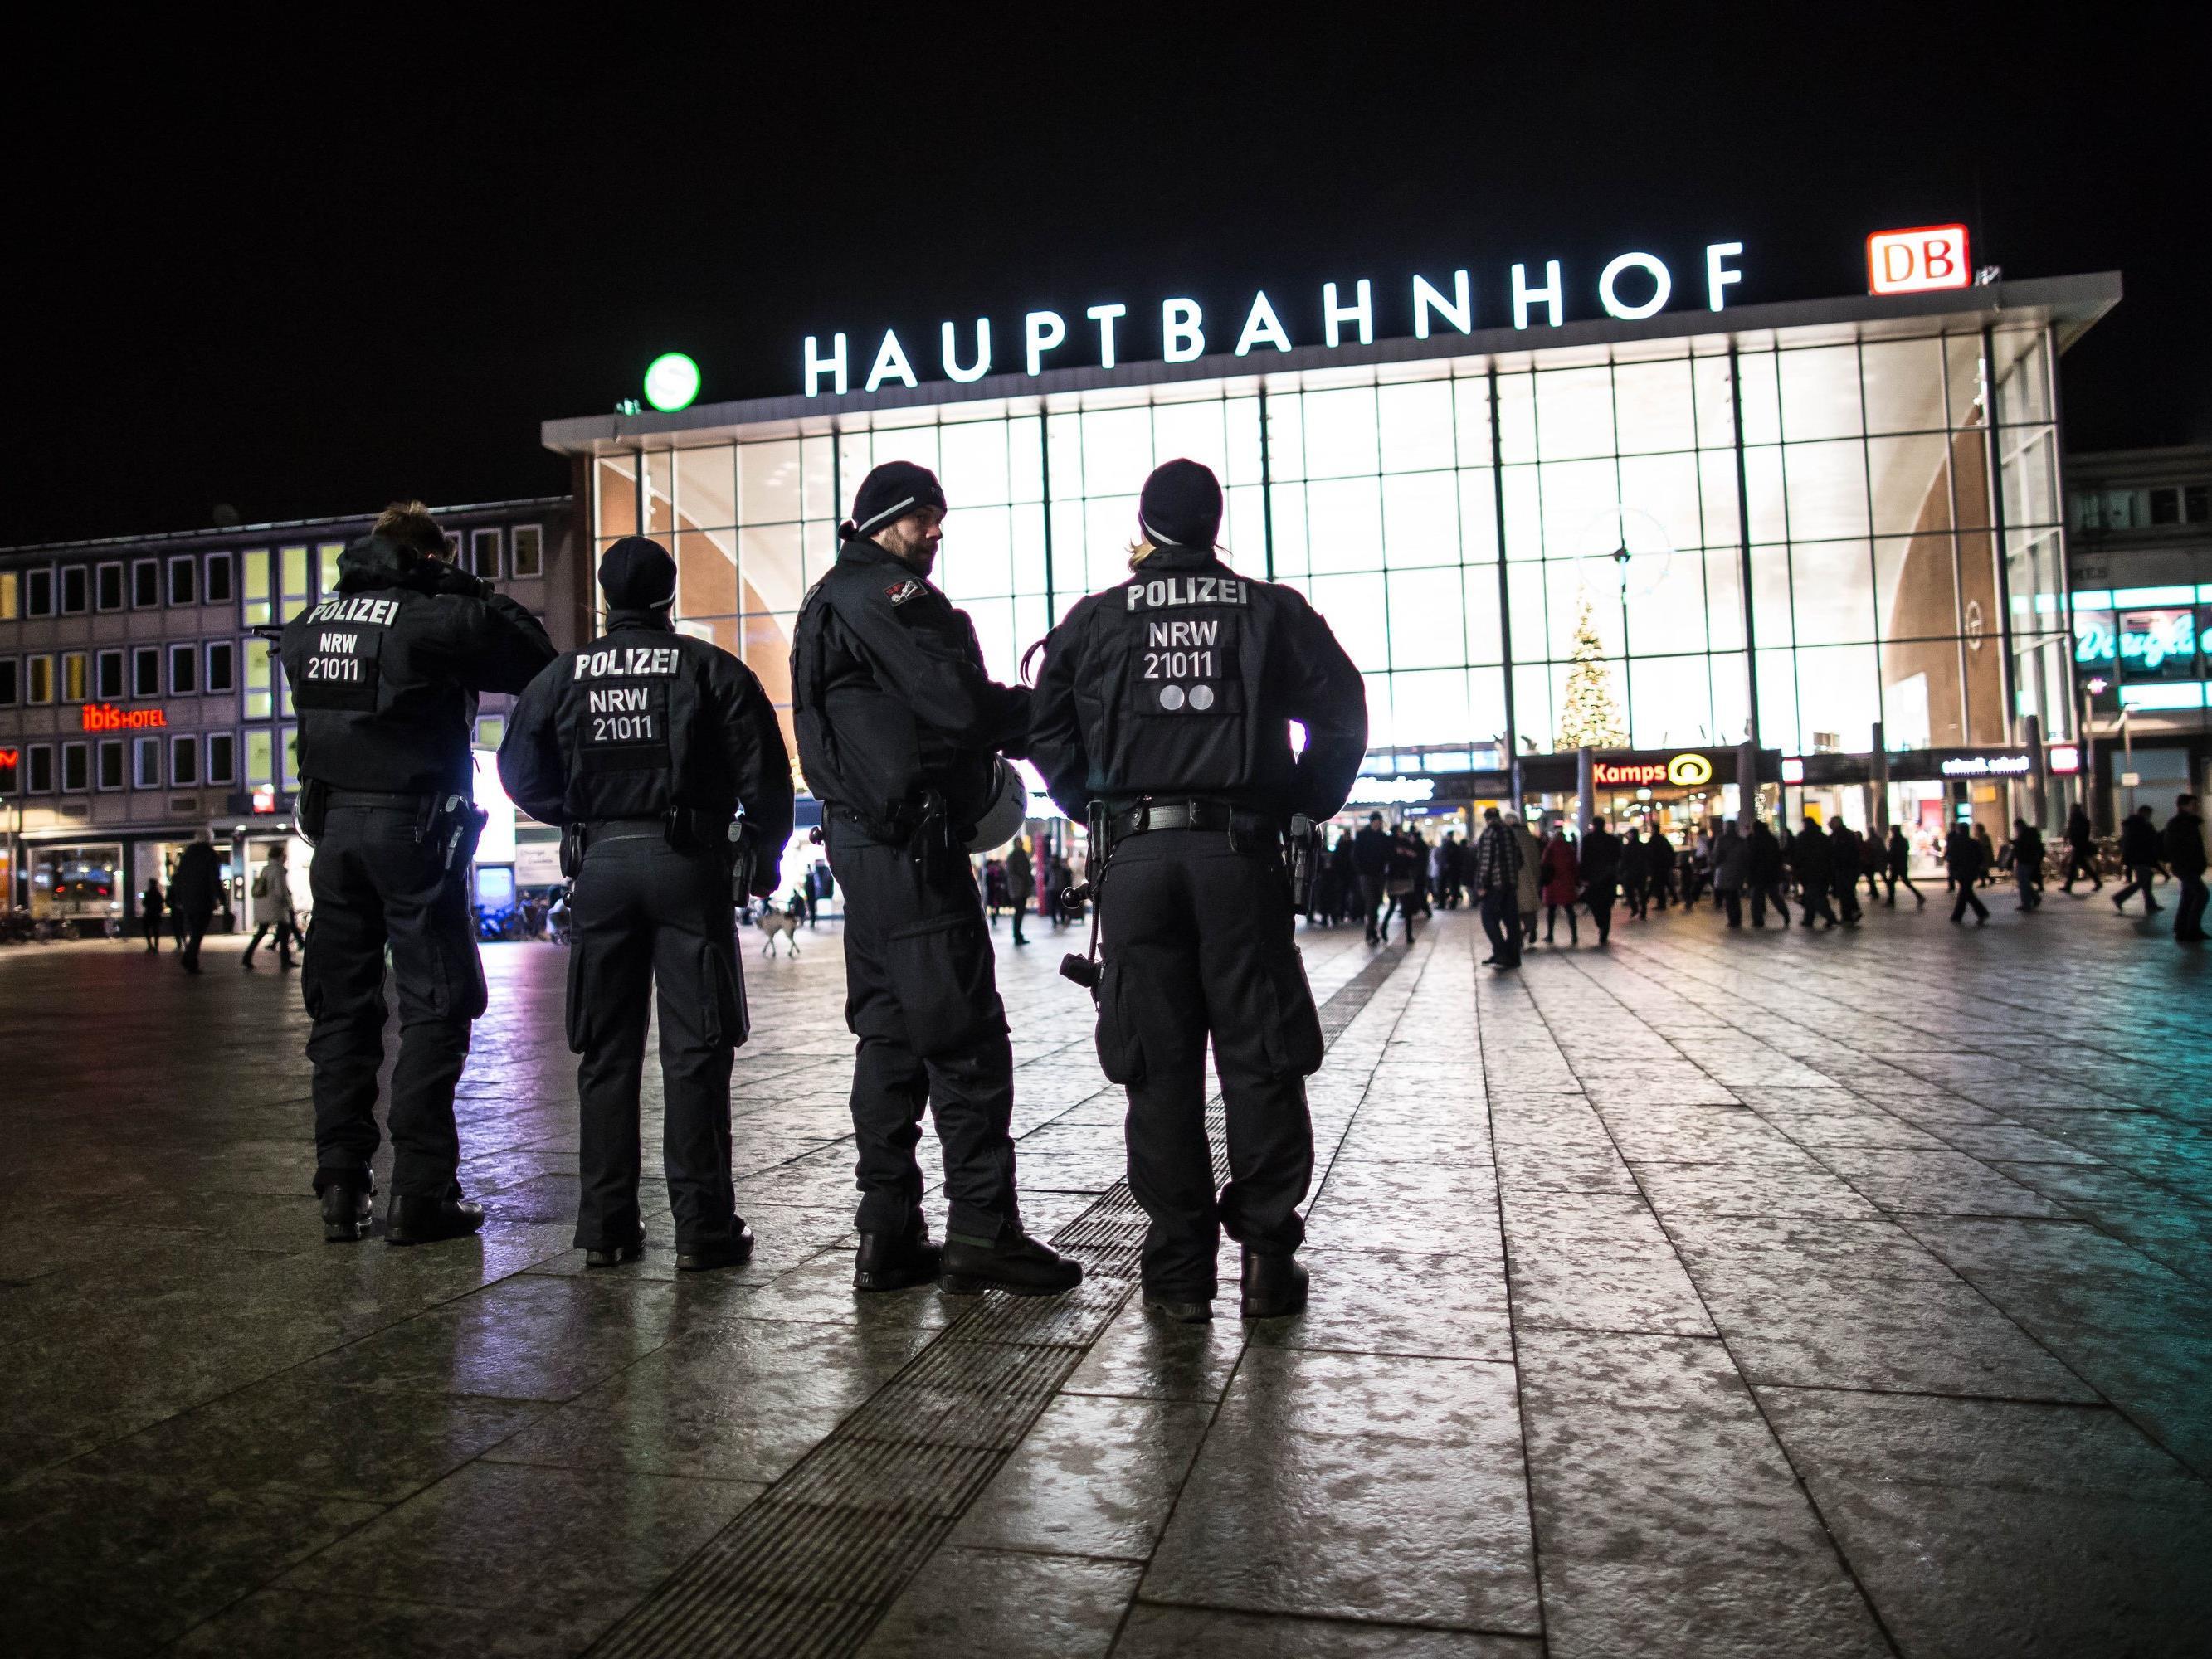 Opfer verfolgt und getreten - Bundesregierung empört über Gewalt.